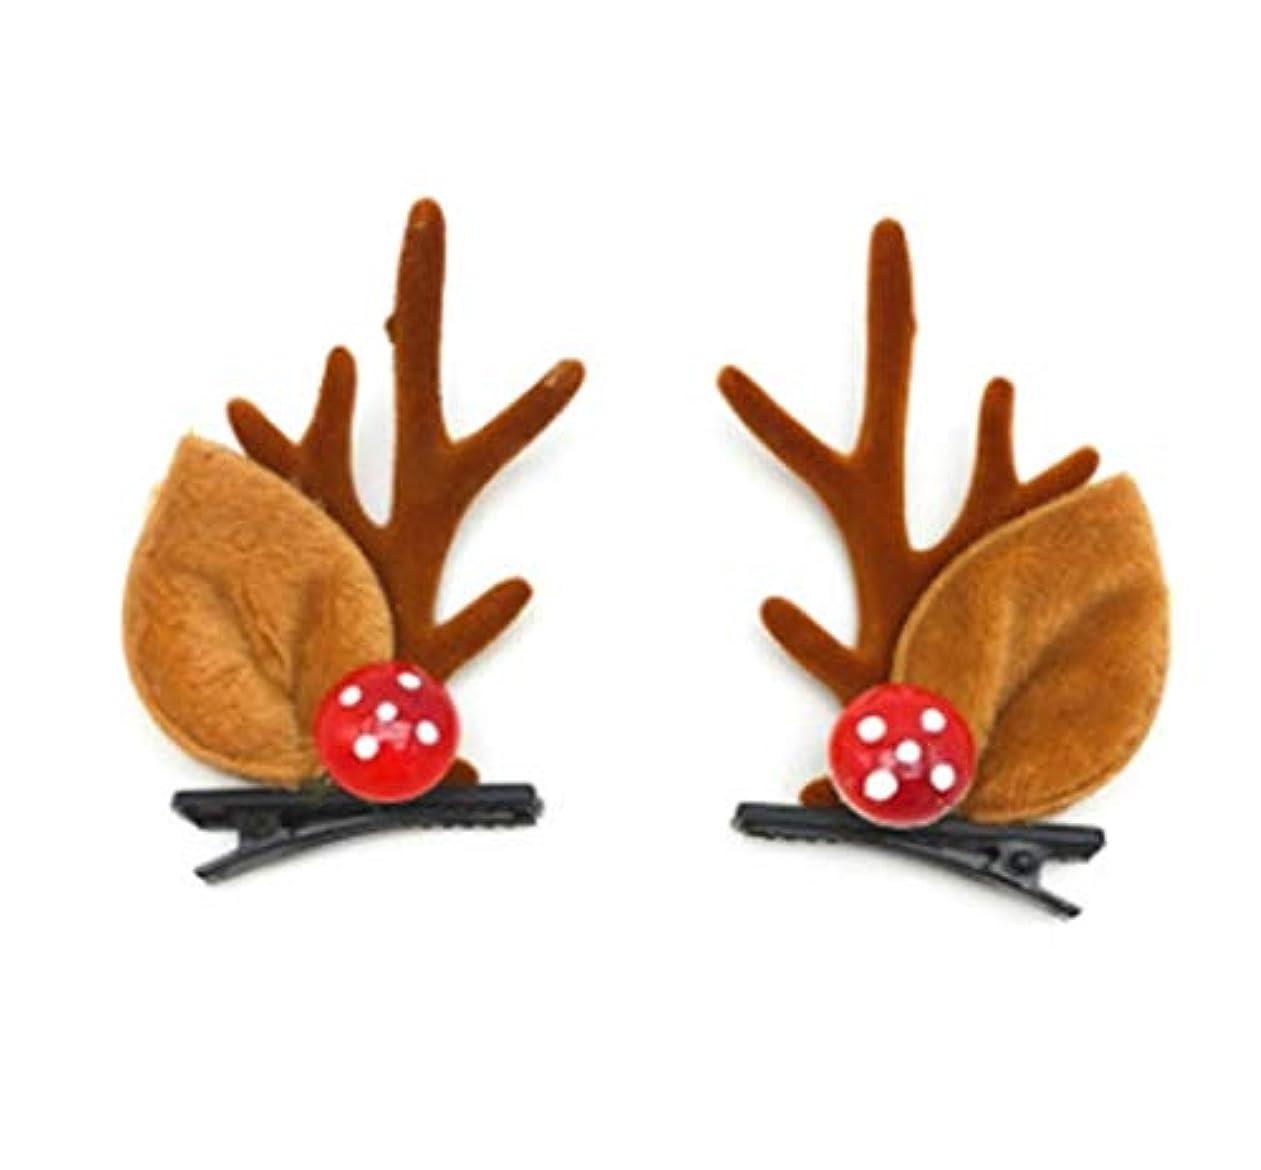 代理店周辺受付クリスマス枝角ヘッドジュエリーのヘアピン女性セン女性のヘアアクセサリーは、小さなヘラジカヘッドバンド女性茸の耳白い毛玉ヘアピンヘッドバンド (Style : A)